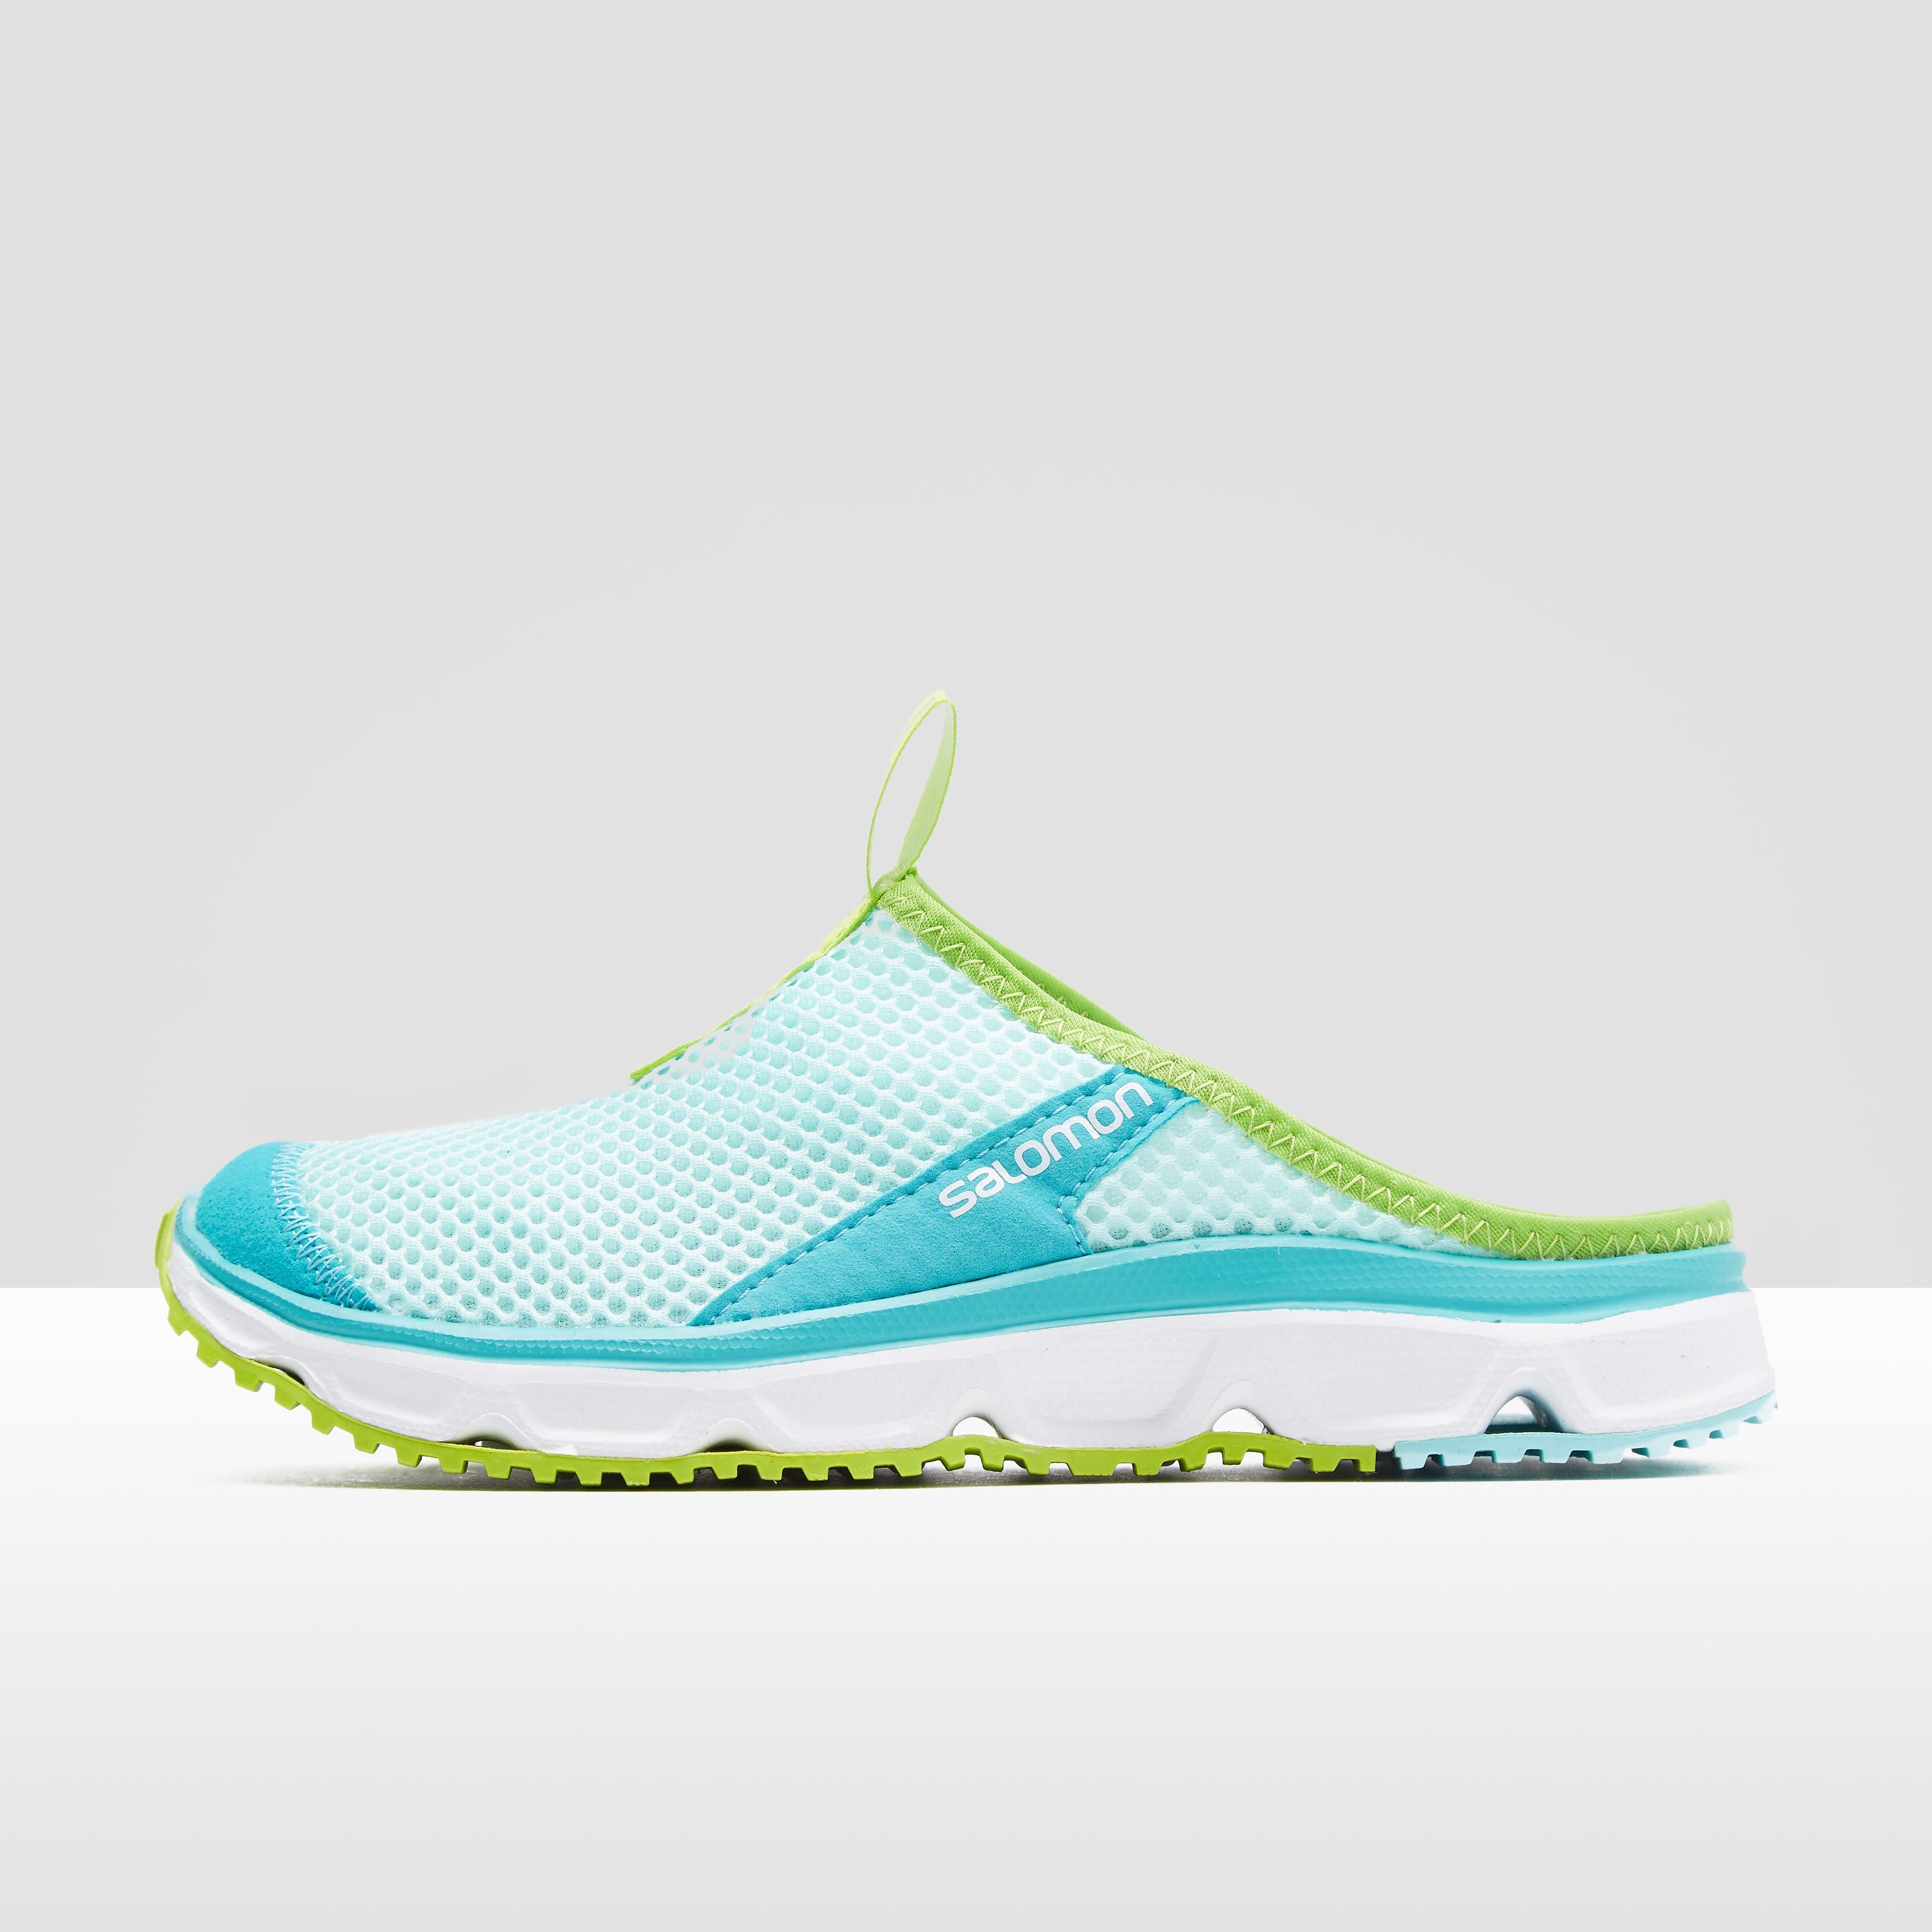 Salomon RX Slide 3.0 Women's Lifestyle Shoes